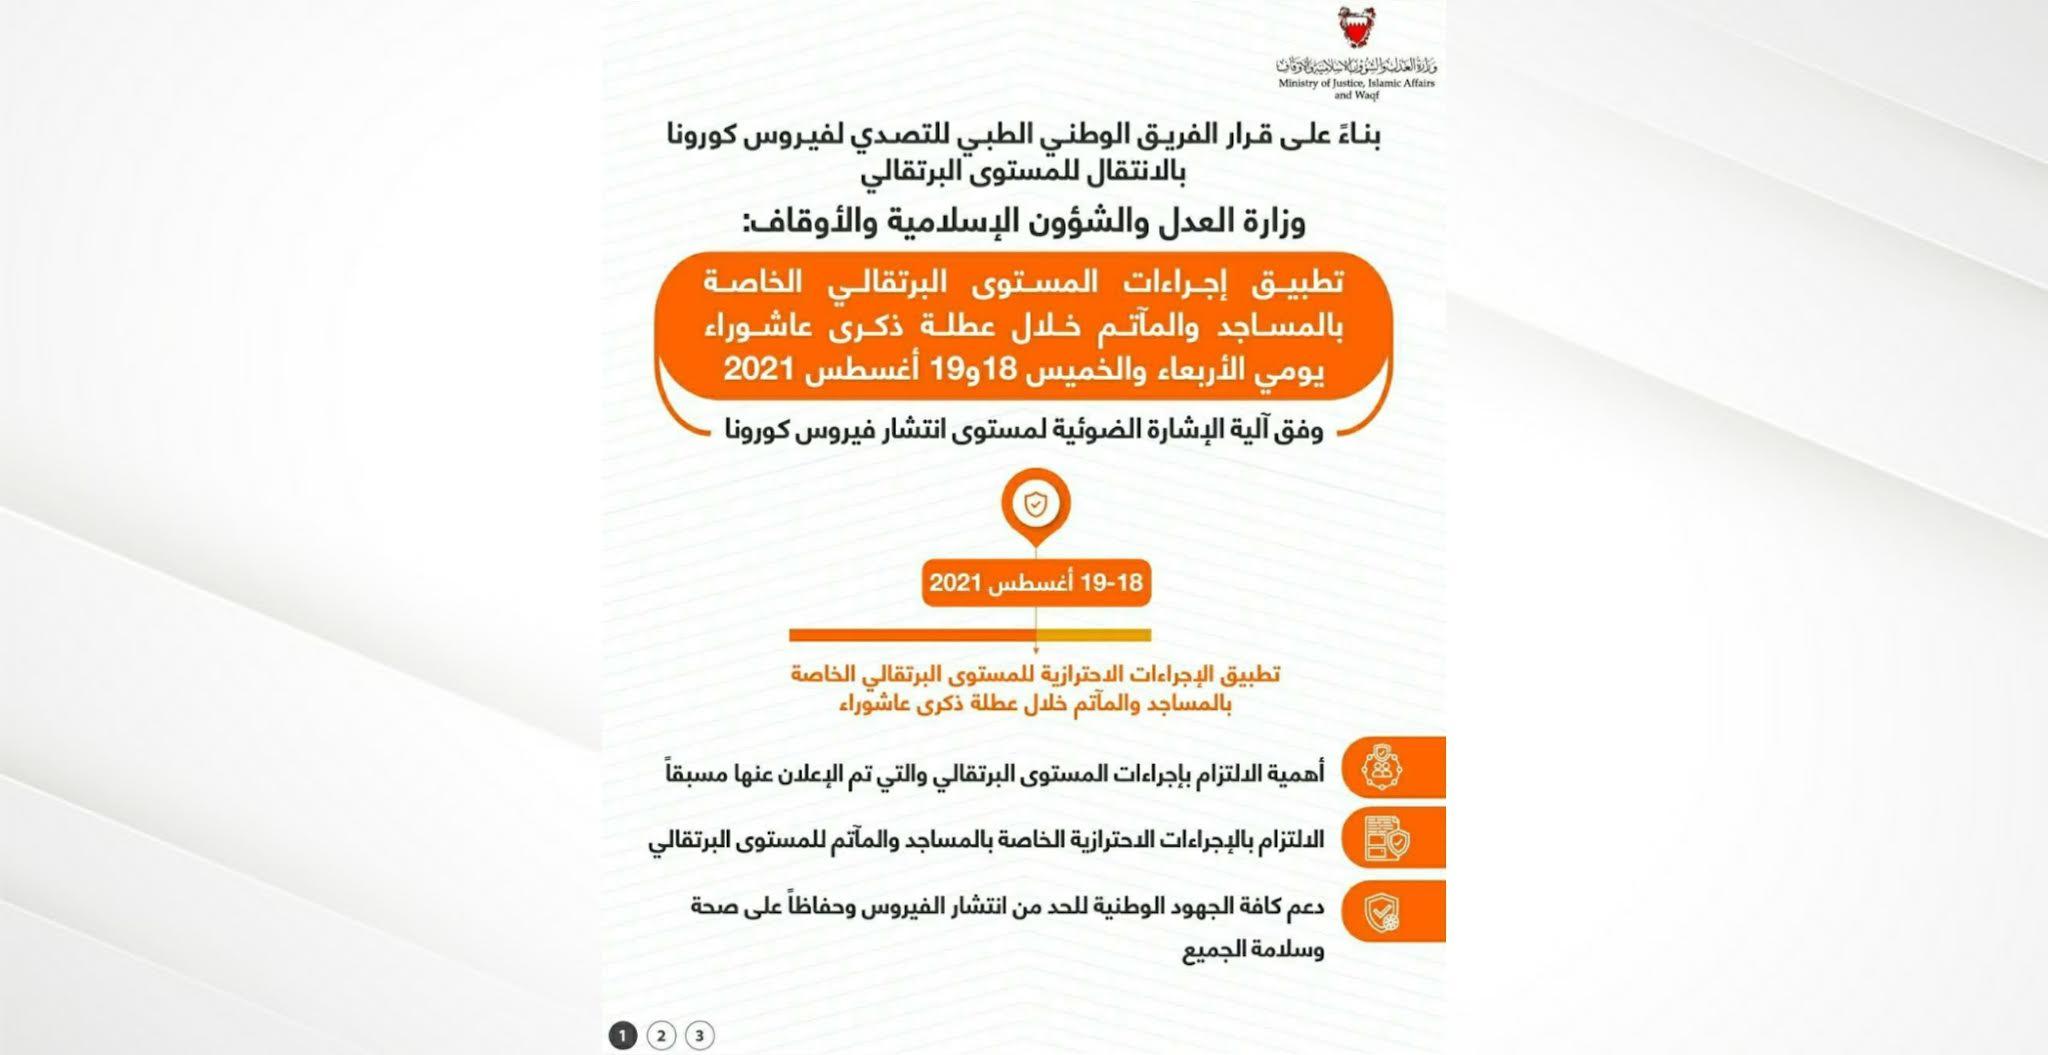 وزارة العدل: تطبيق إجراءات المستوى البرتقالي الخاصة بالمساجد والمآتم خلال عطلة ذكرى عاشوراء يومي الأربعاء والخميس 18و19 أغسطس 2021